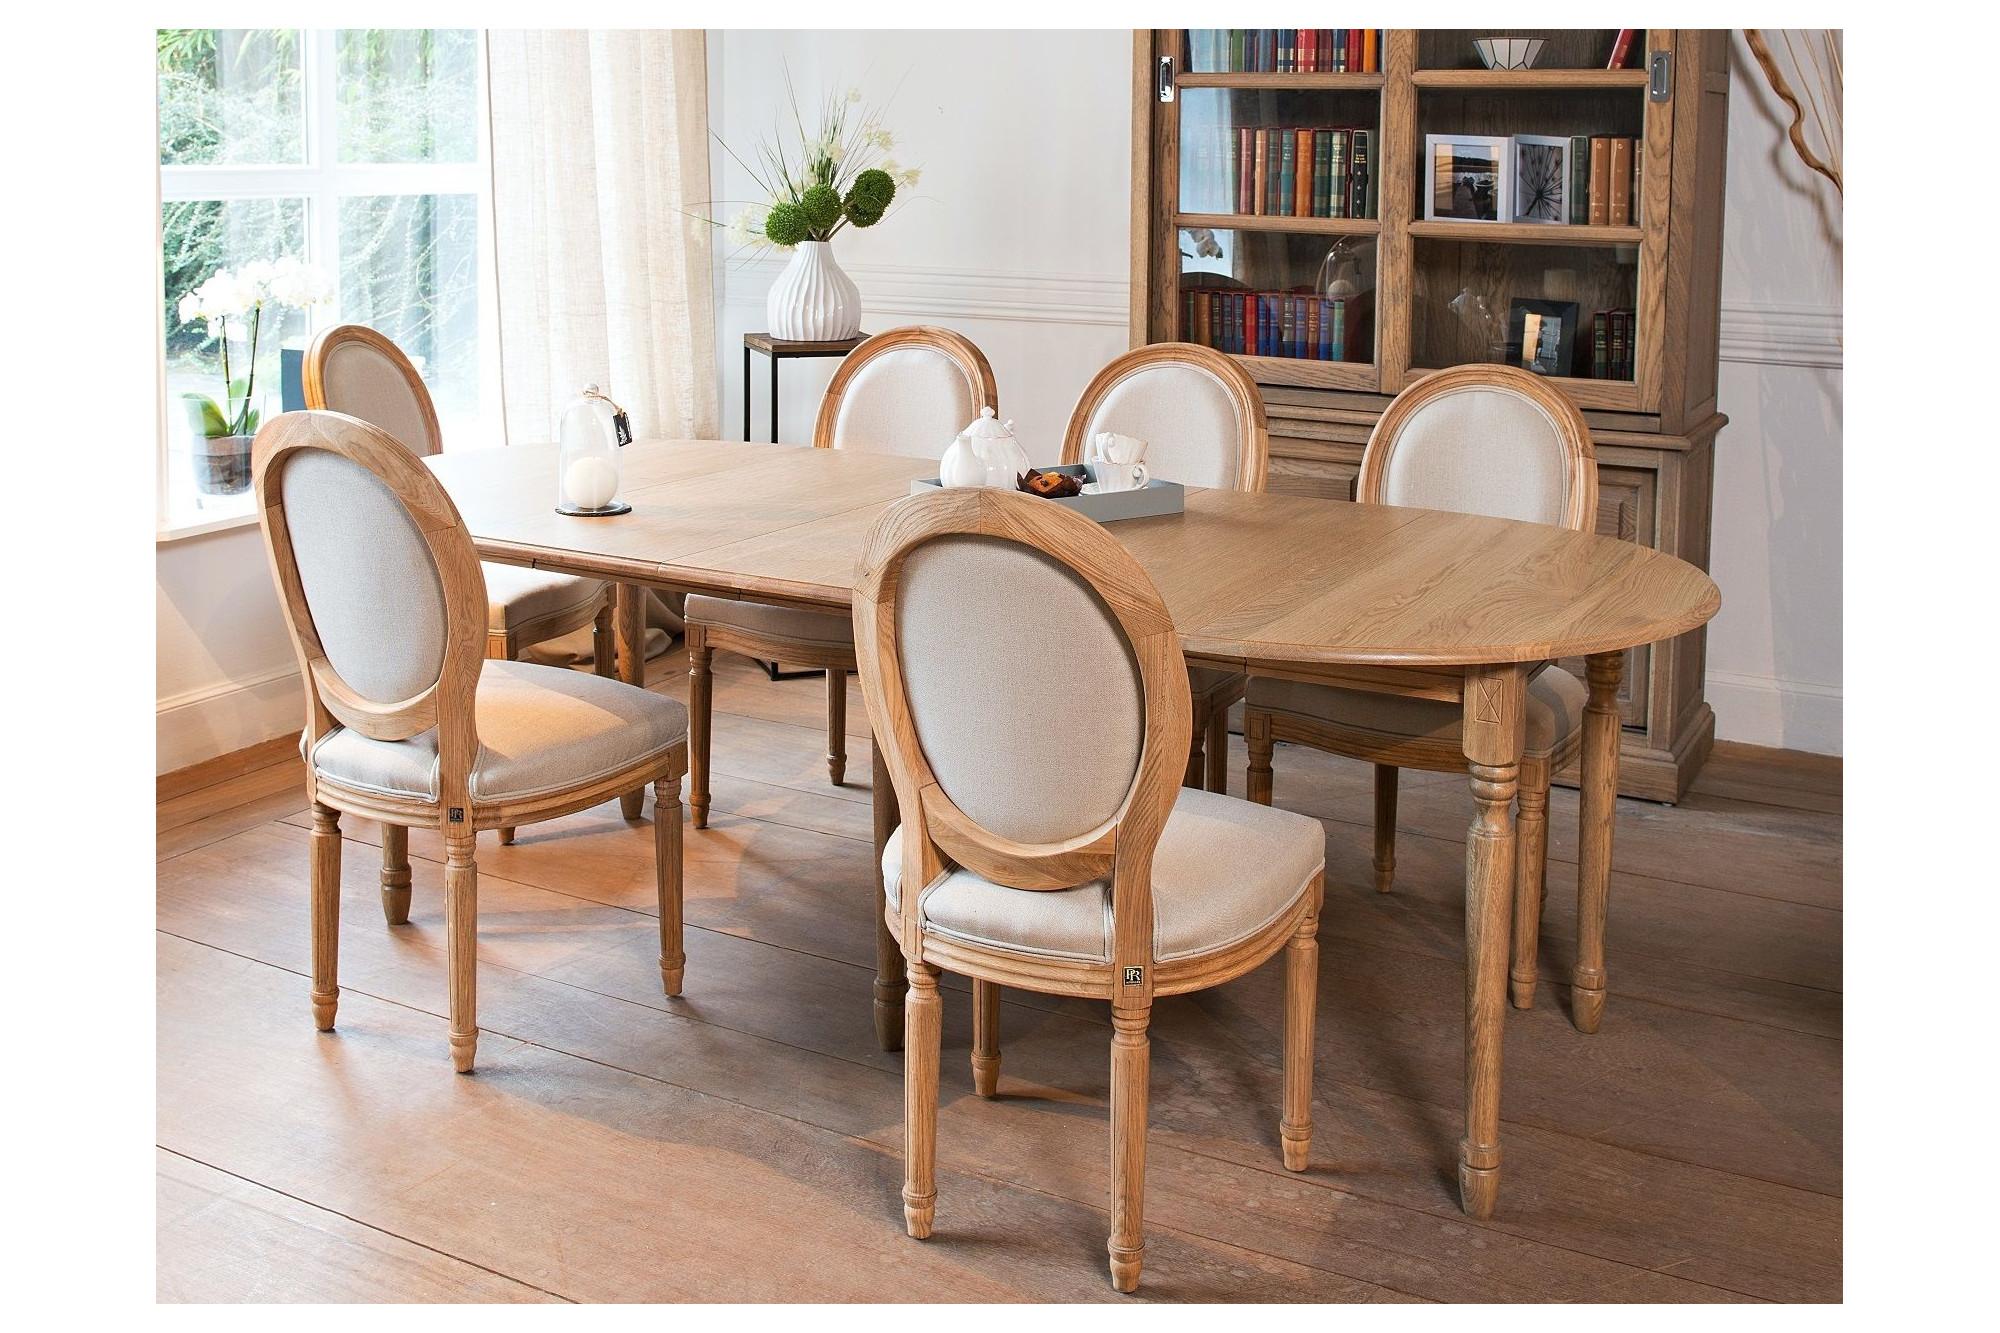 Table extensible ronde bois à rallonges - 115 cm - Pieds tournés - VICTORIA.  Appuyez pour agrandir 8ca96961d0e3